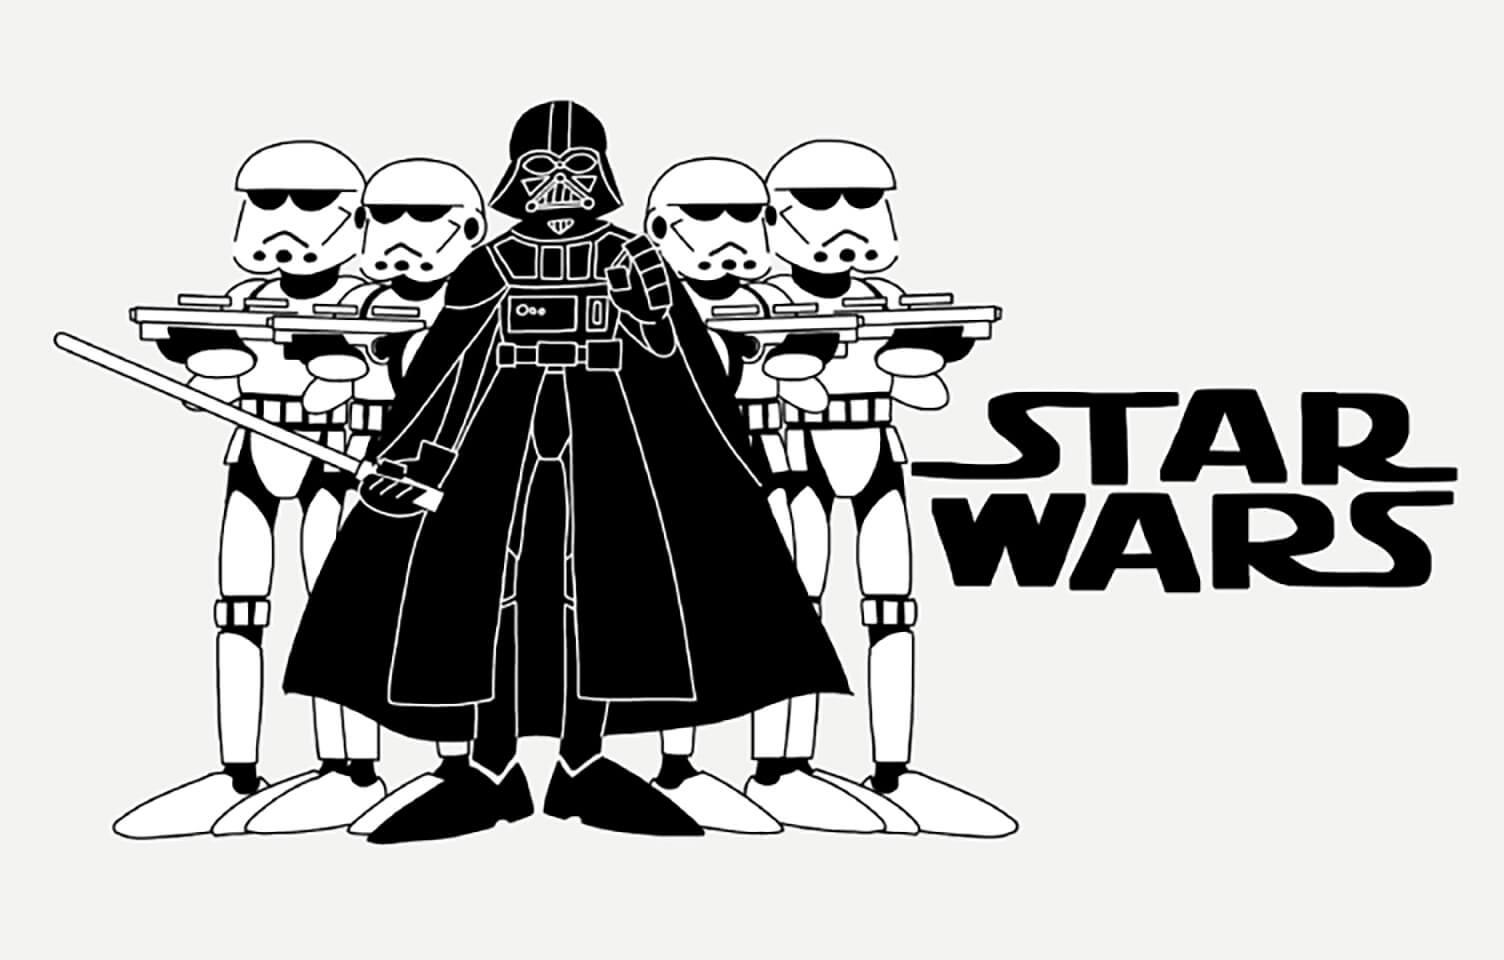 STAR WARSとブランディング